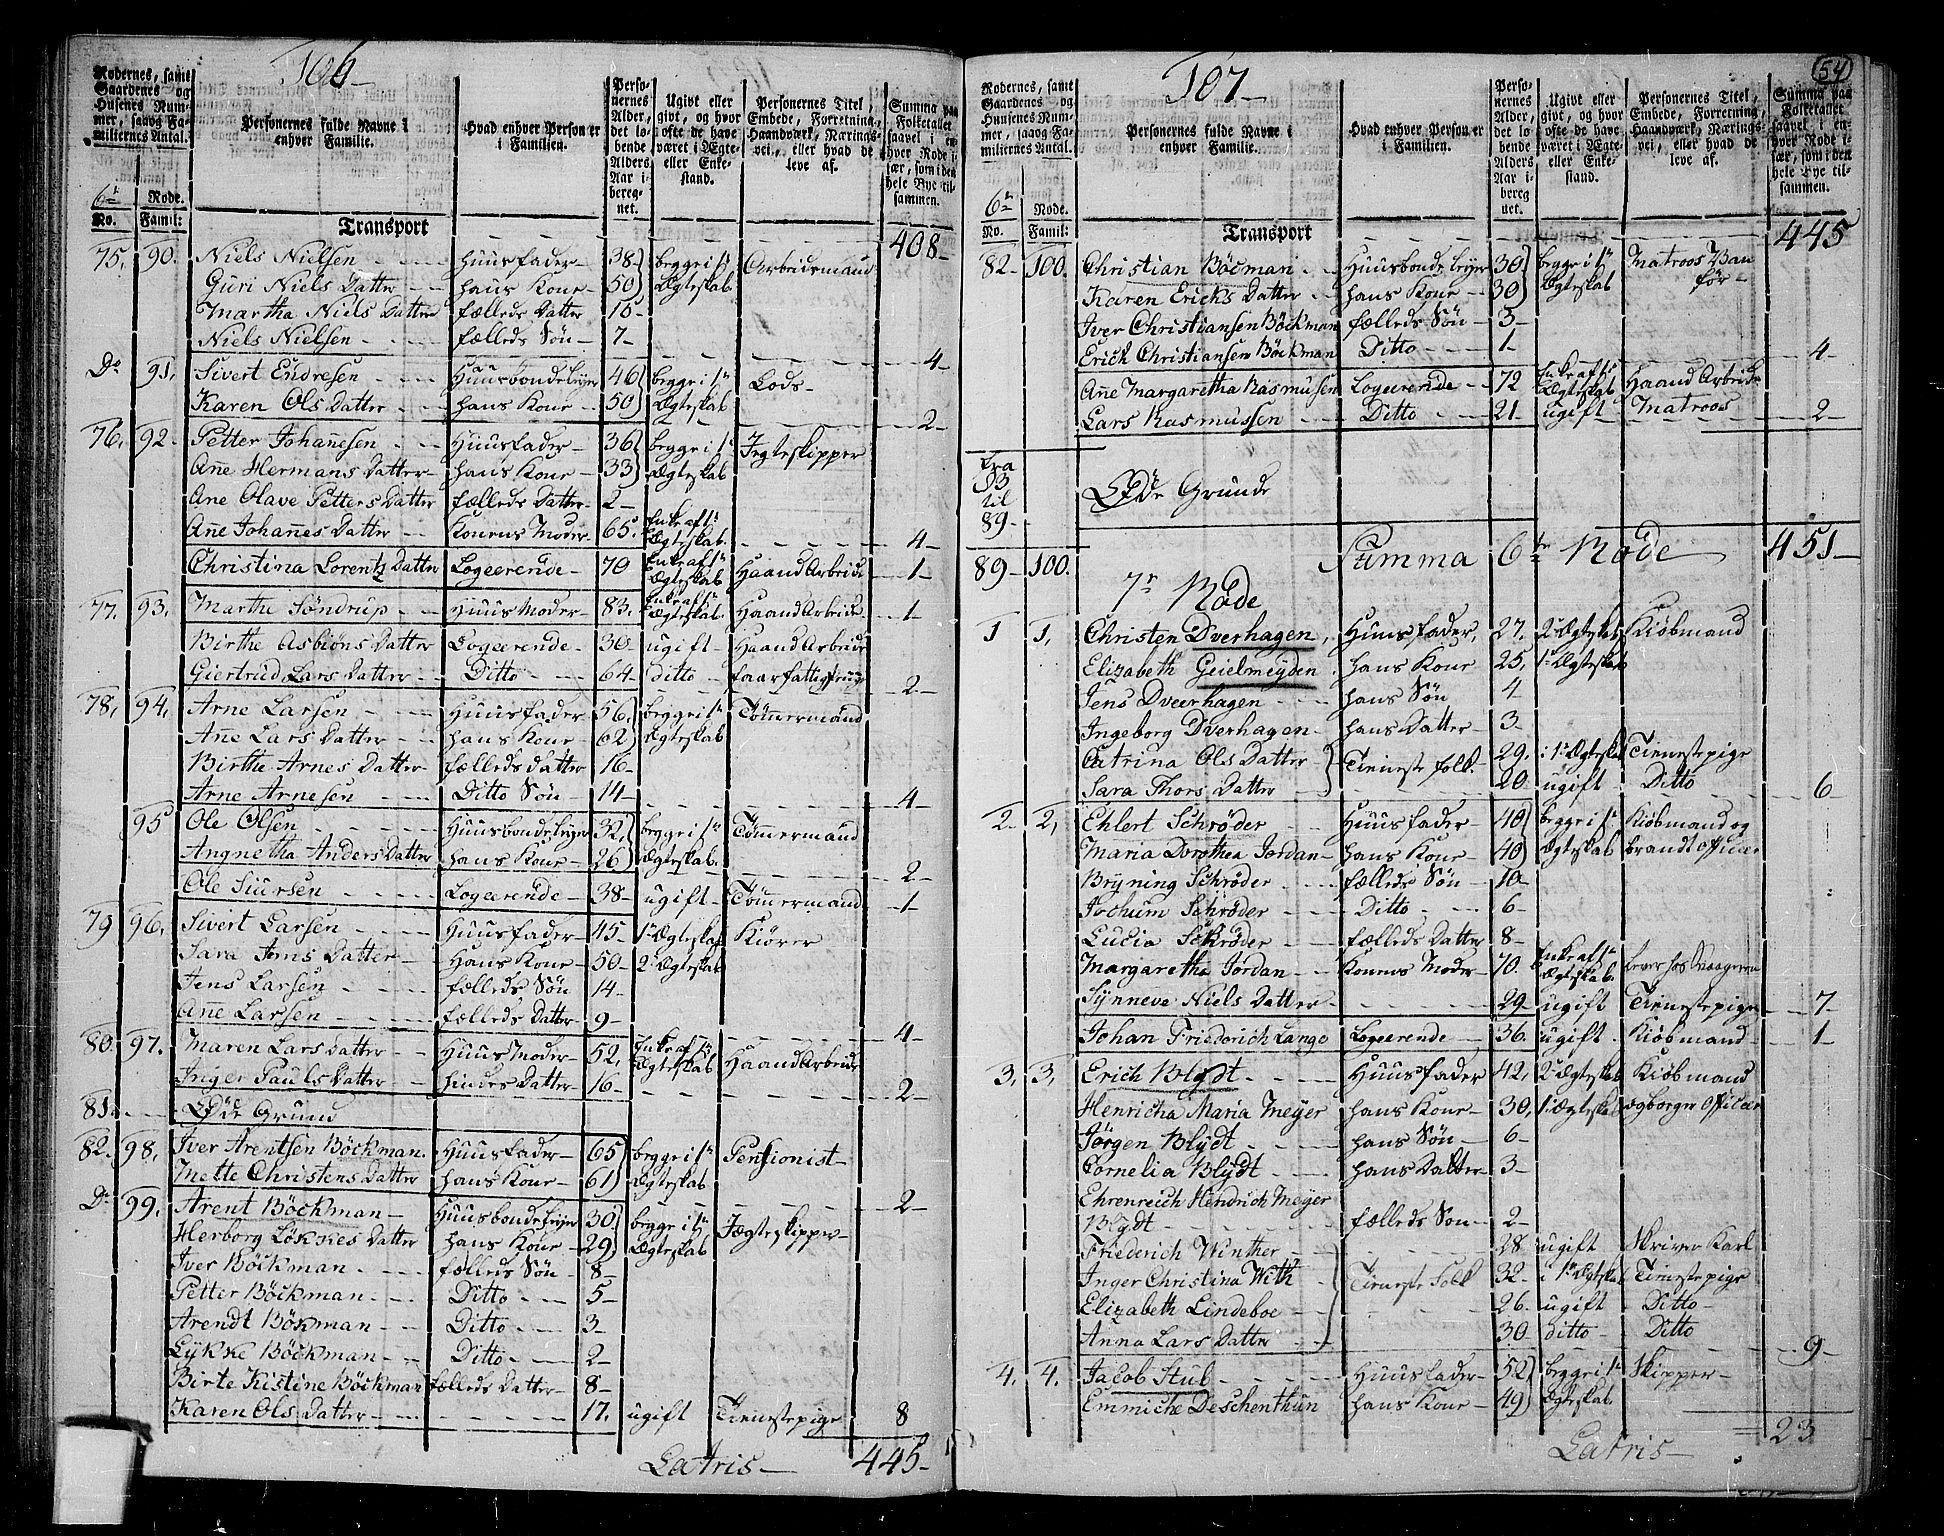 RA, Folketelling 1801 for 1301 Bergen kjøpstad, 1801, s. 53b-54a